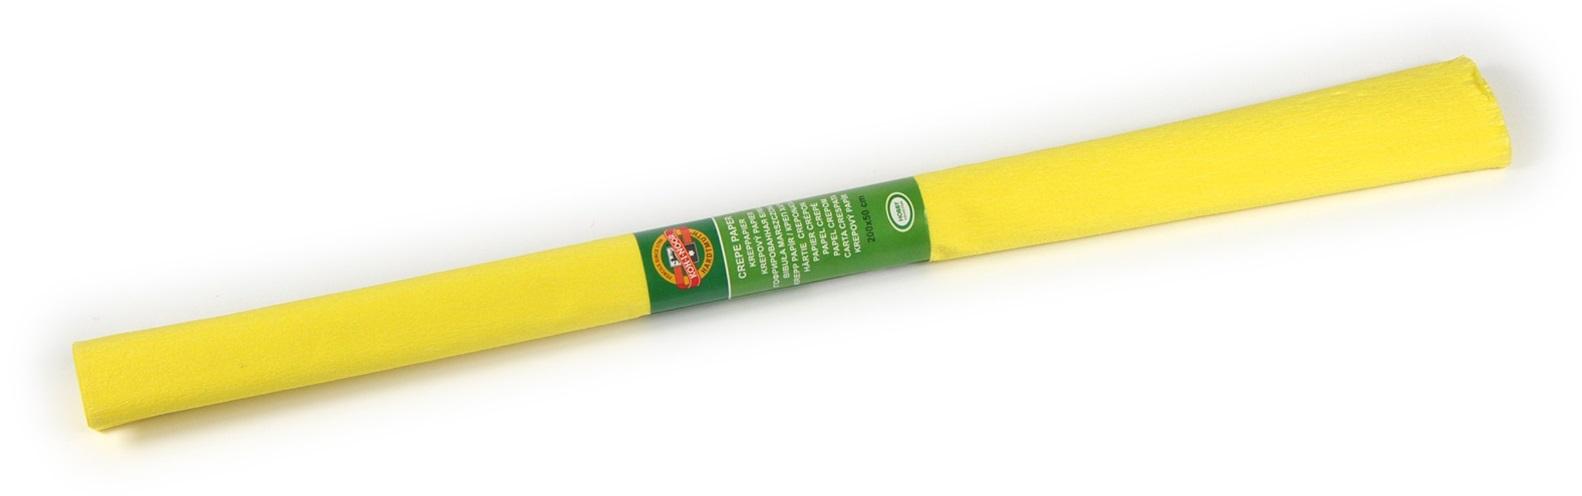 Krepový papír 50 x 200 cm, středně žlutý, KOH-I-NOOR (992056)